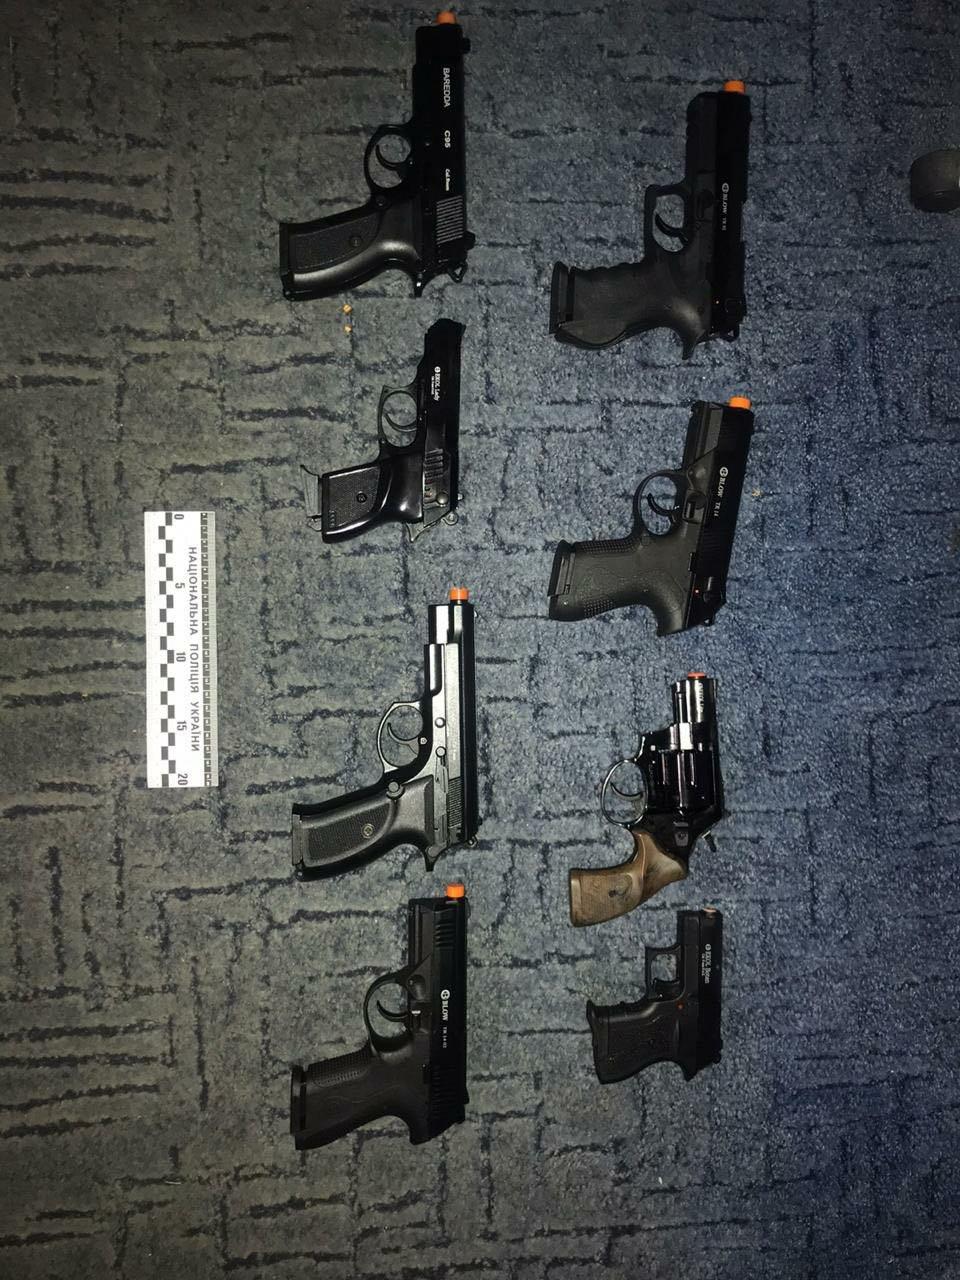 Правоохоронці Хмельниччини затримали торговця вогнепальної зброї та боєприпасів (ФОТО), фото-2